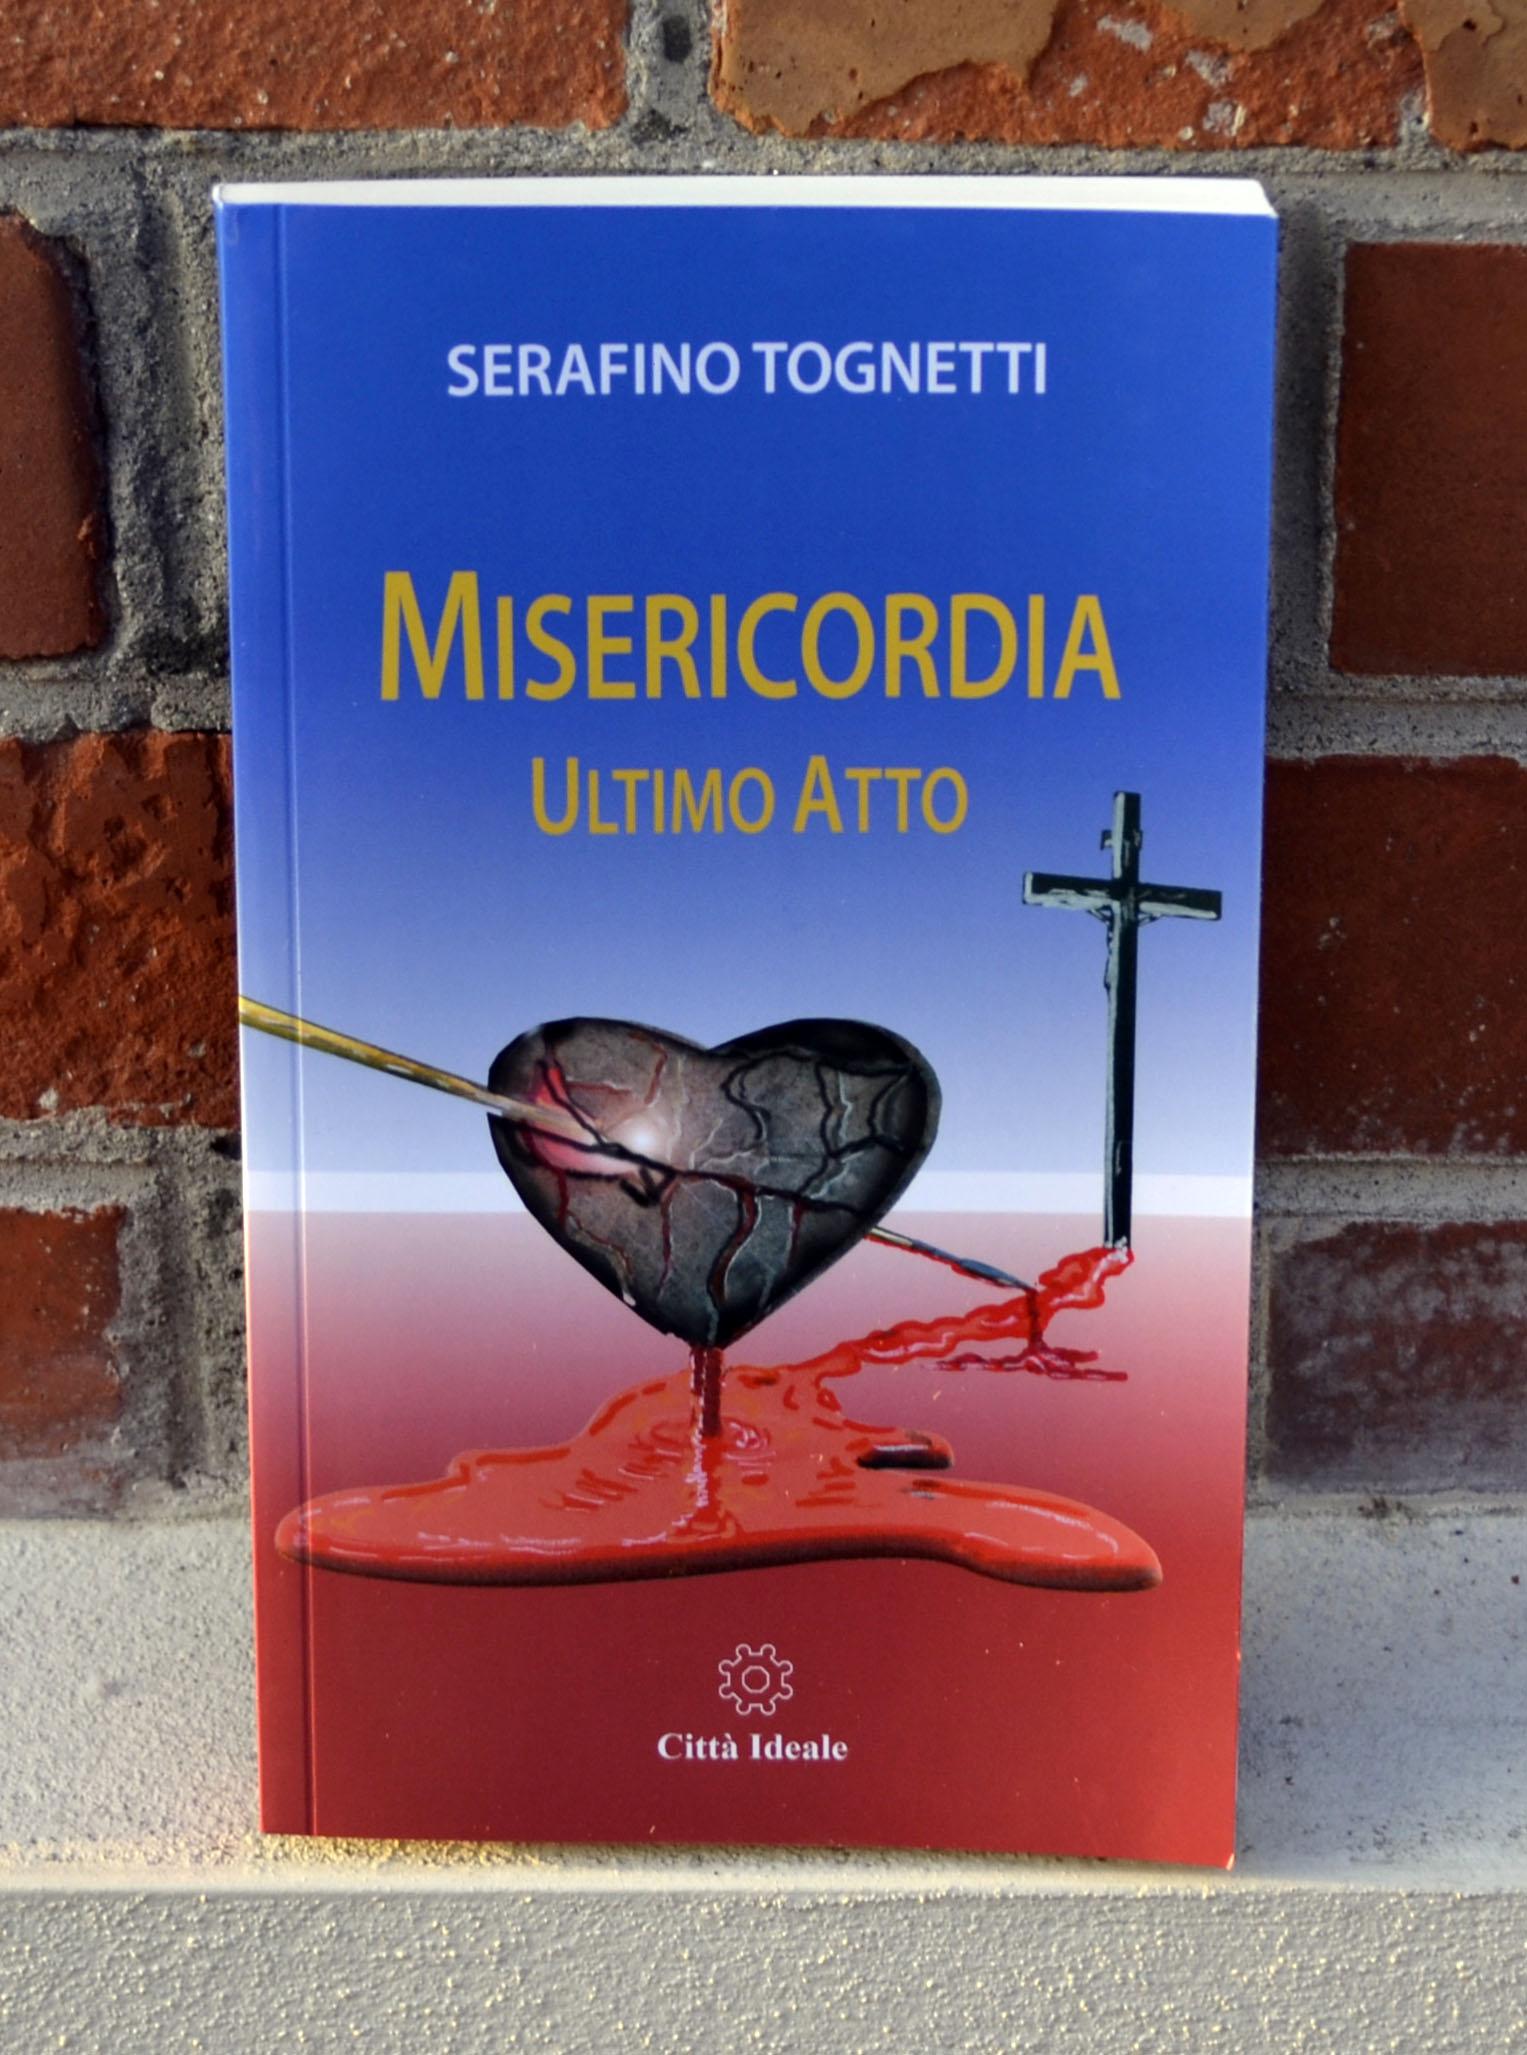 Misericordia Ultimo Atto di Serafino Tognetti